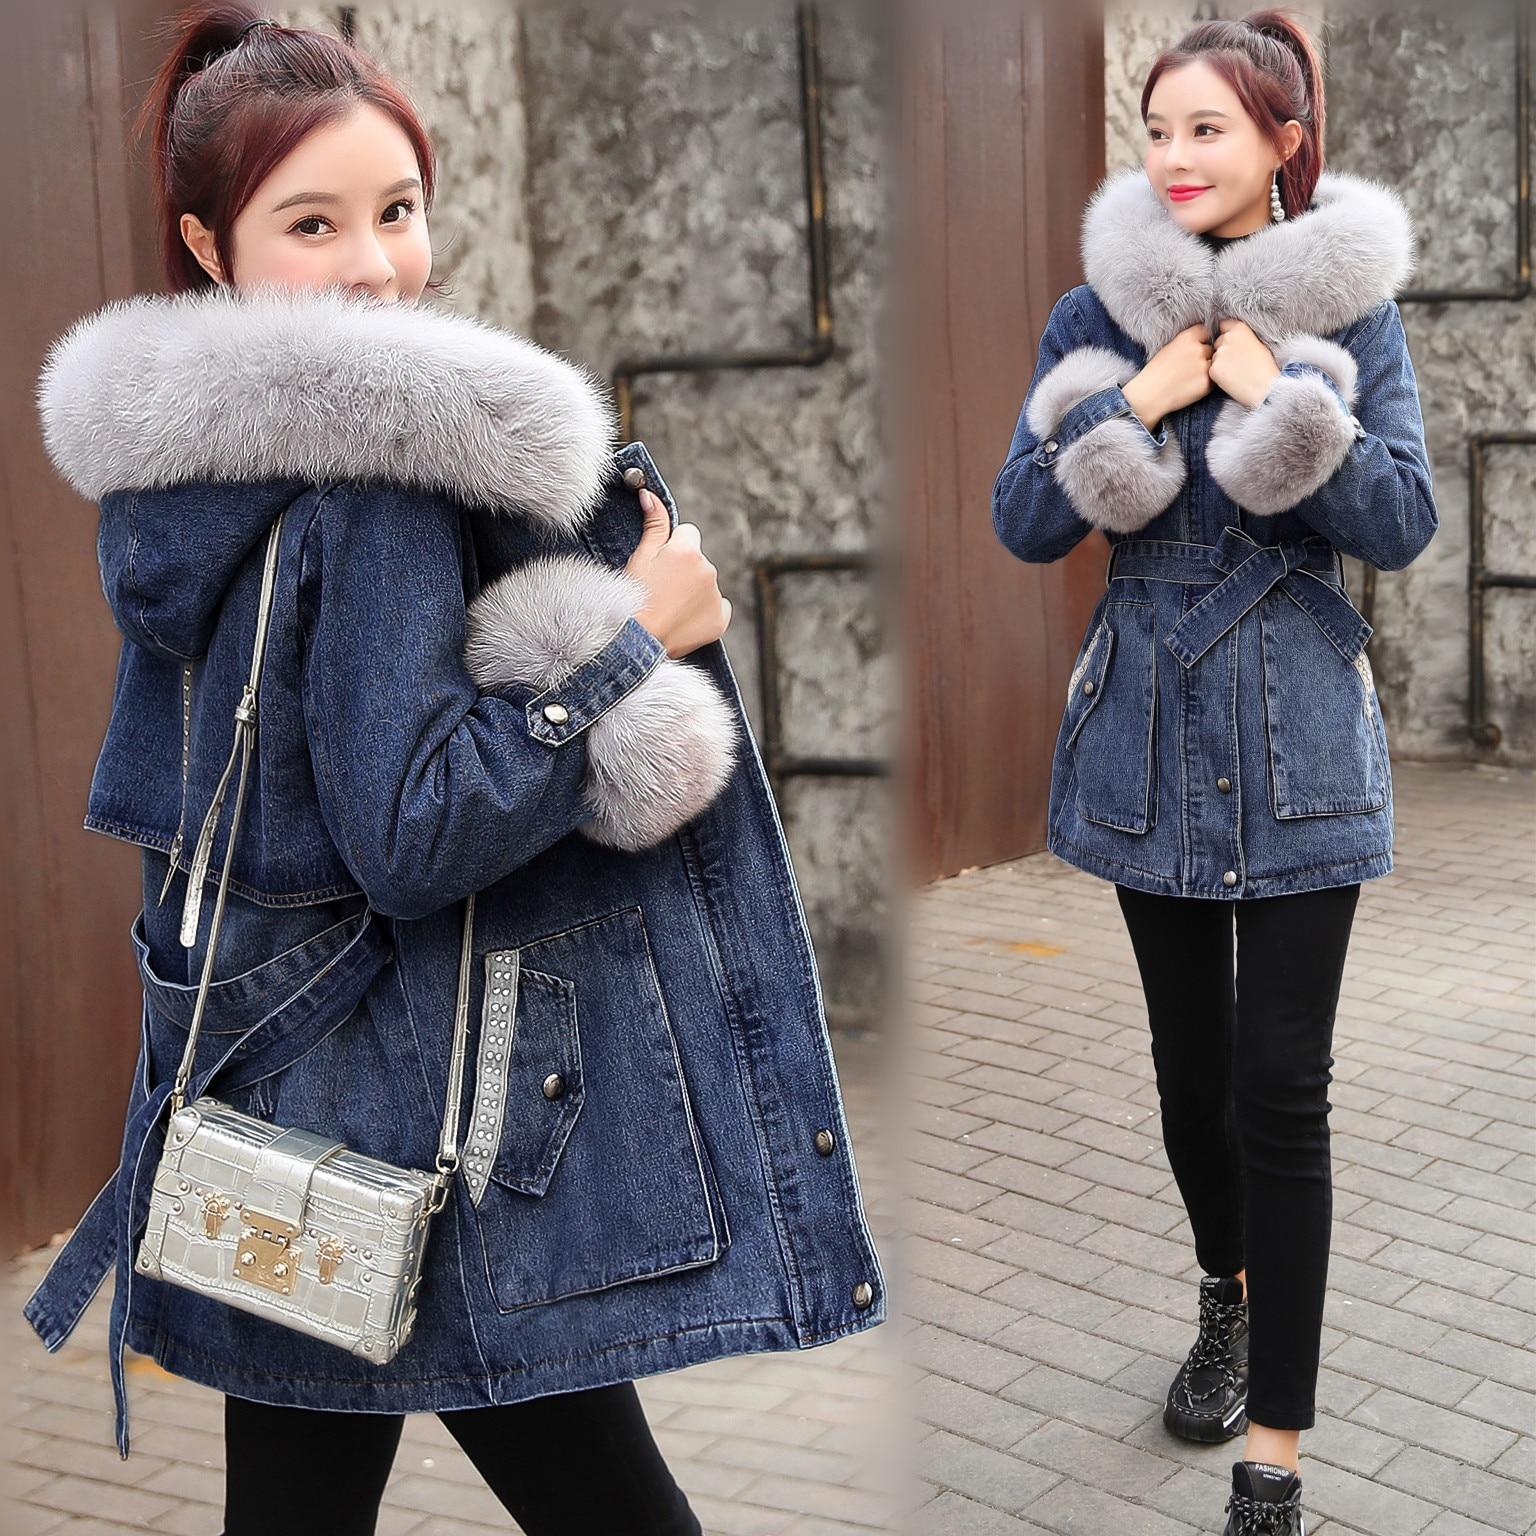 Женская джинсовая куртка с капюшоном FNOCE, повседневная утепленная джинсовая куртка с меховым воротником, с бархатной подкладкой, для зимы, ...